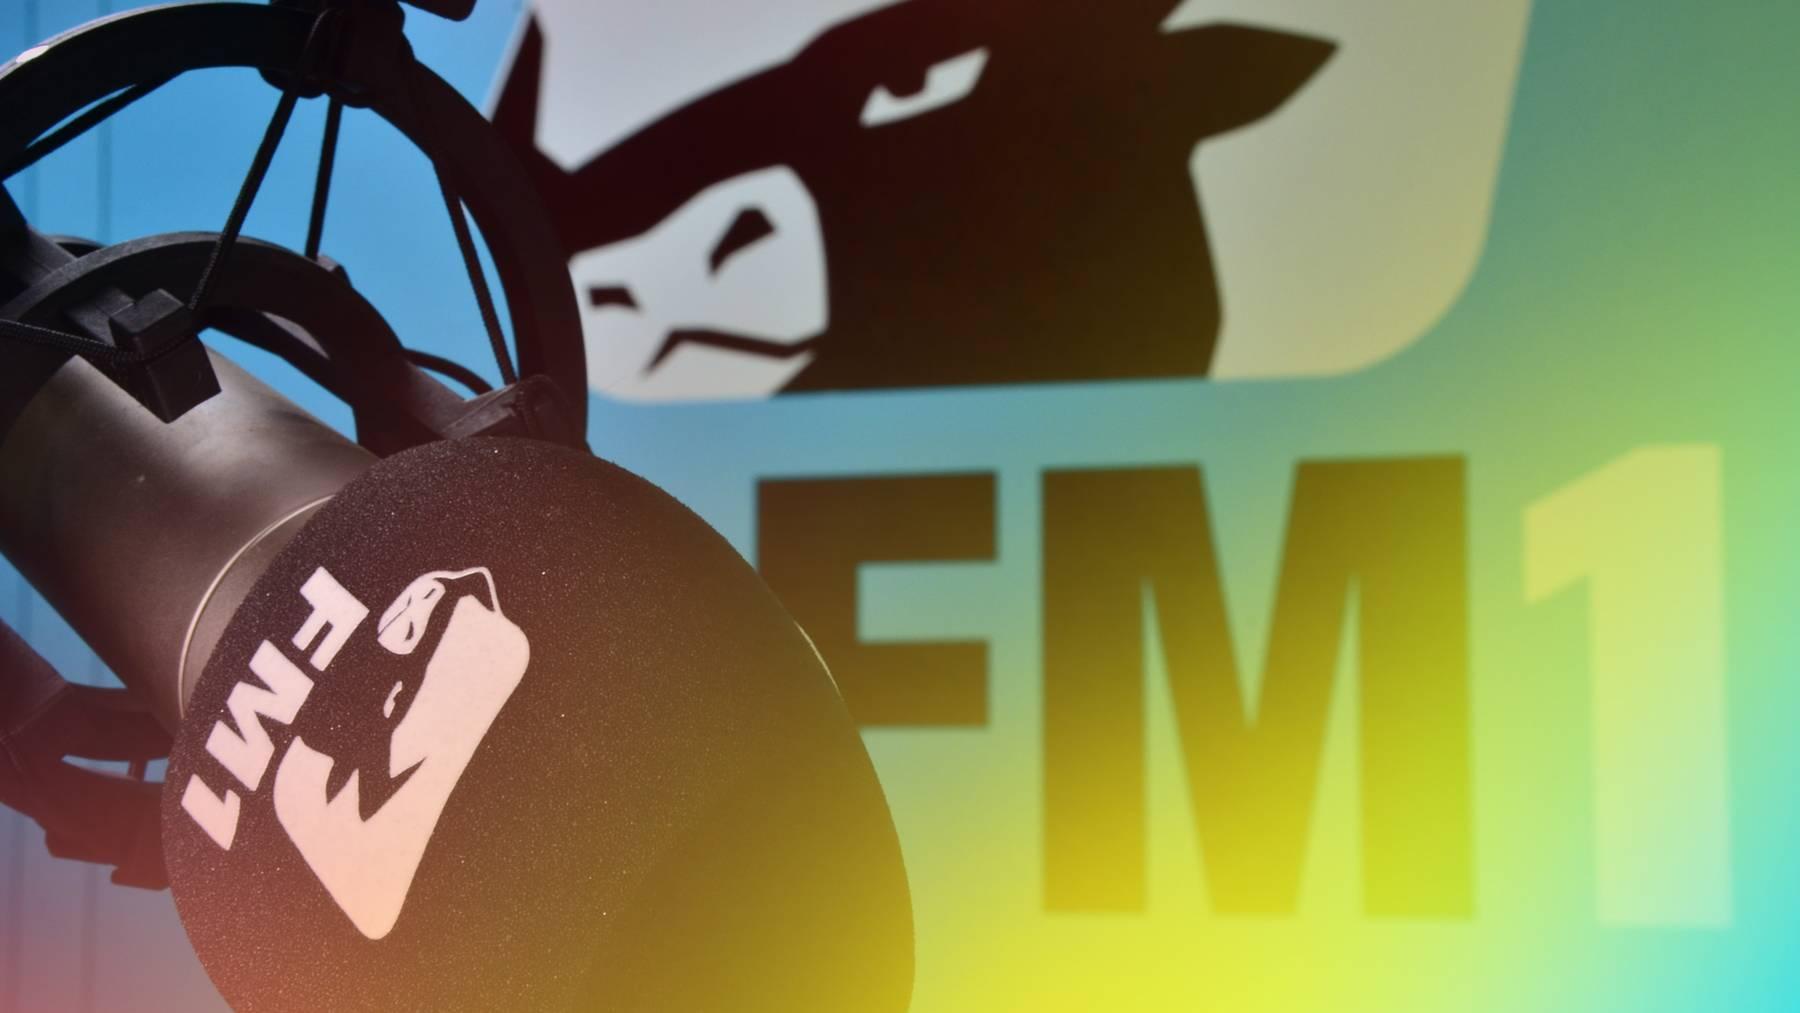 radiofm1_studiofuehrung